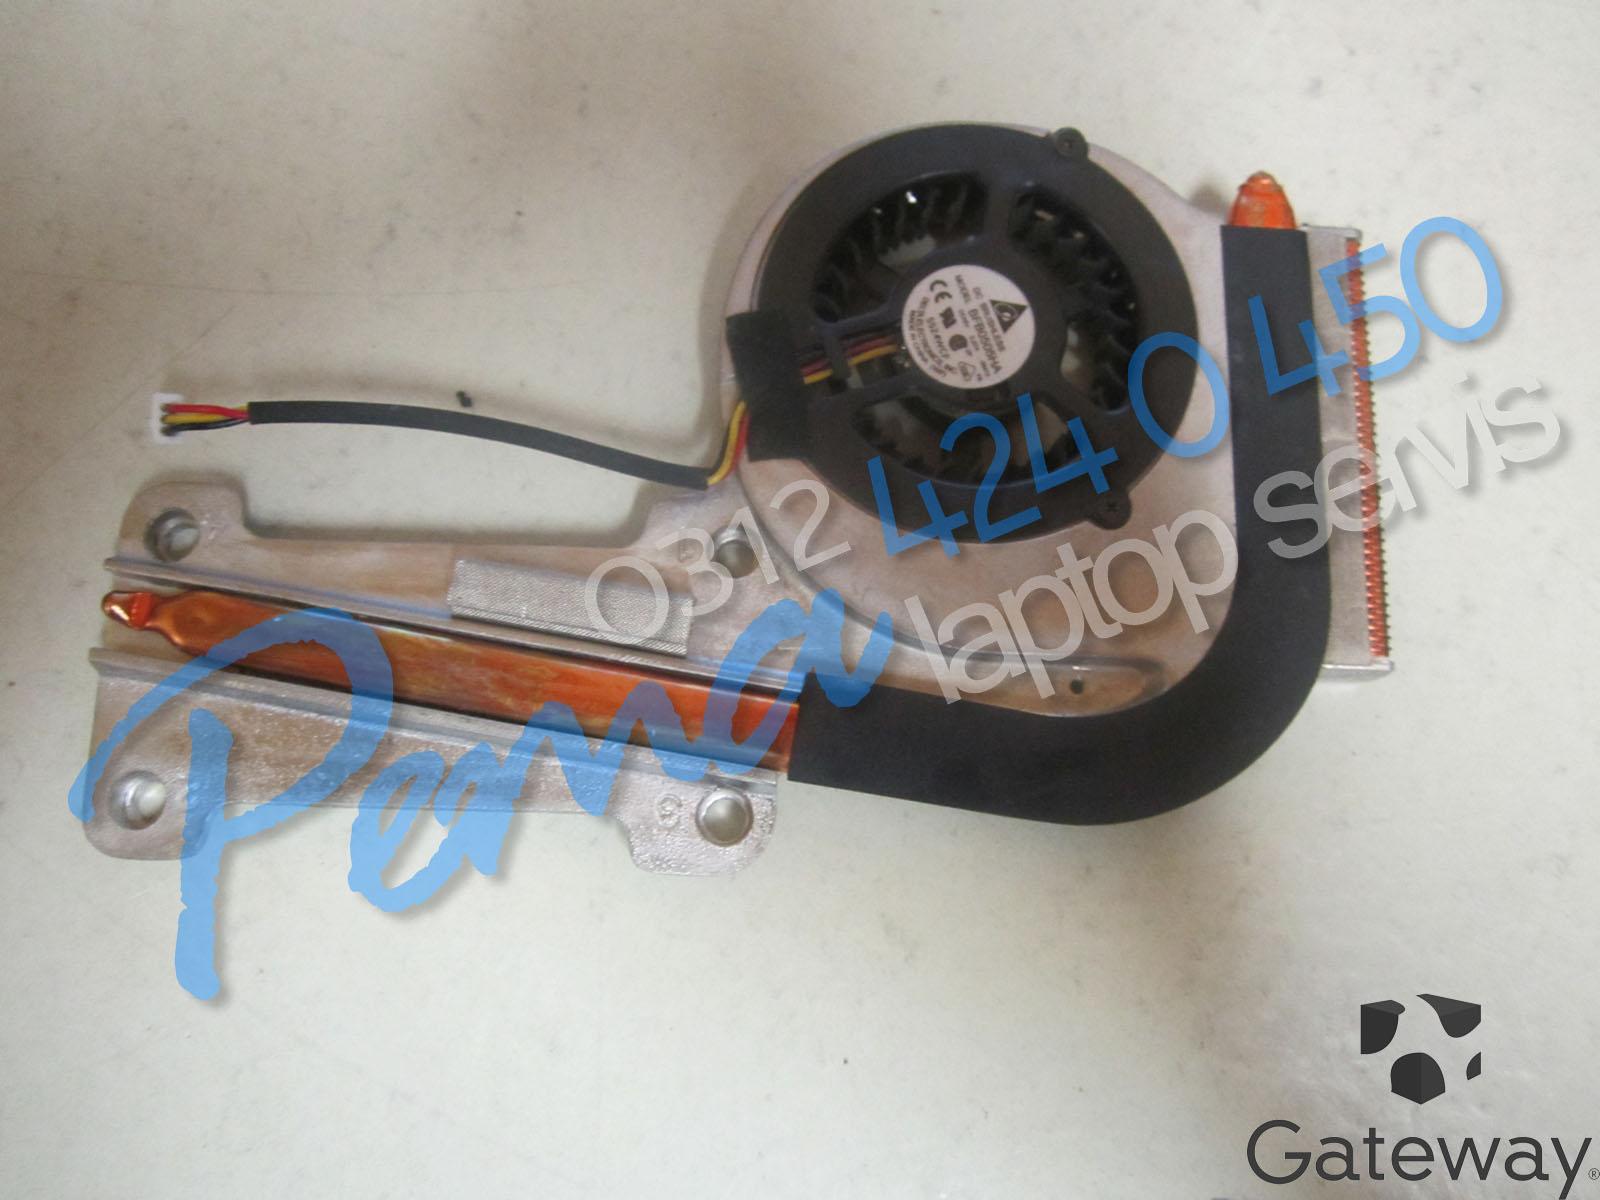 Gateway M210 fan